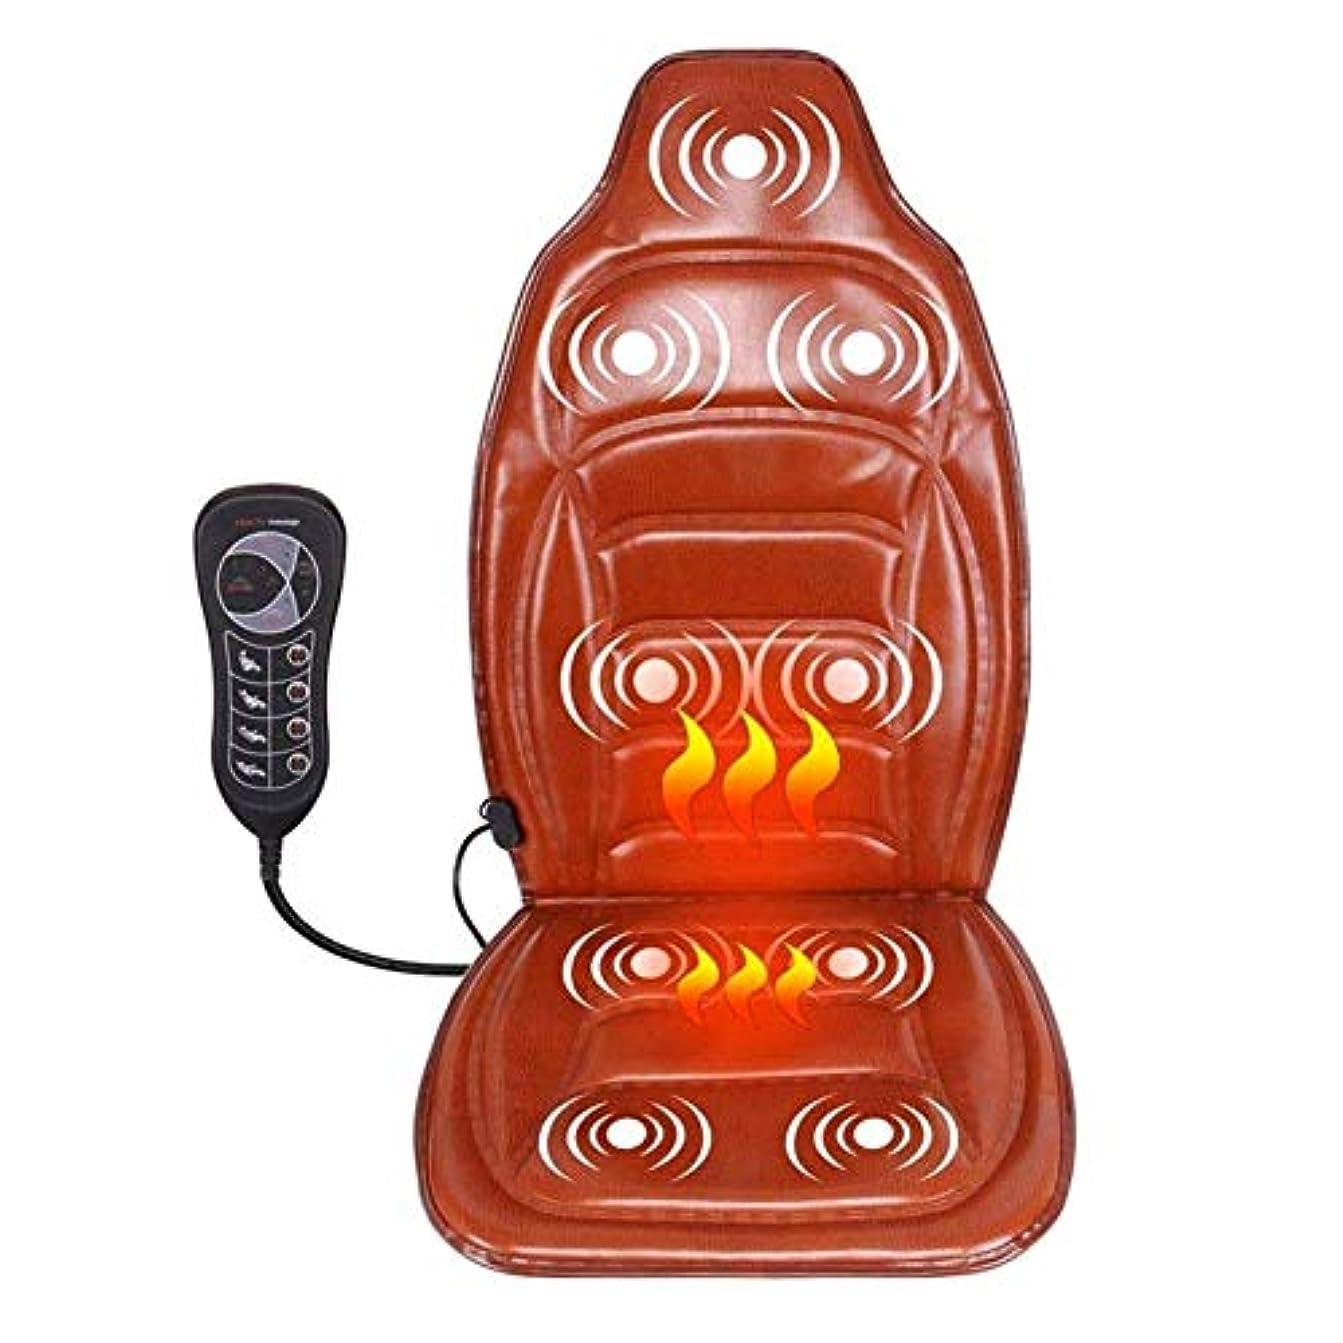 システムグレートオークダーリン12Vカーシート加熱クッション、全身加熱マッサージ器電動ポータブル、加熱バイブレーターバックマッサージチェアチェアホームオフィス腰椎首の痛み緩和マッサージクッションパッドシート,B